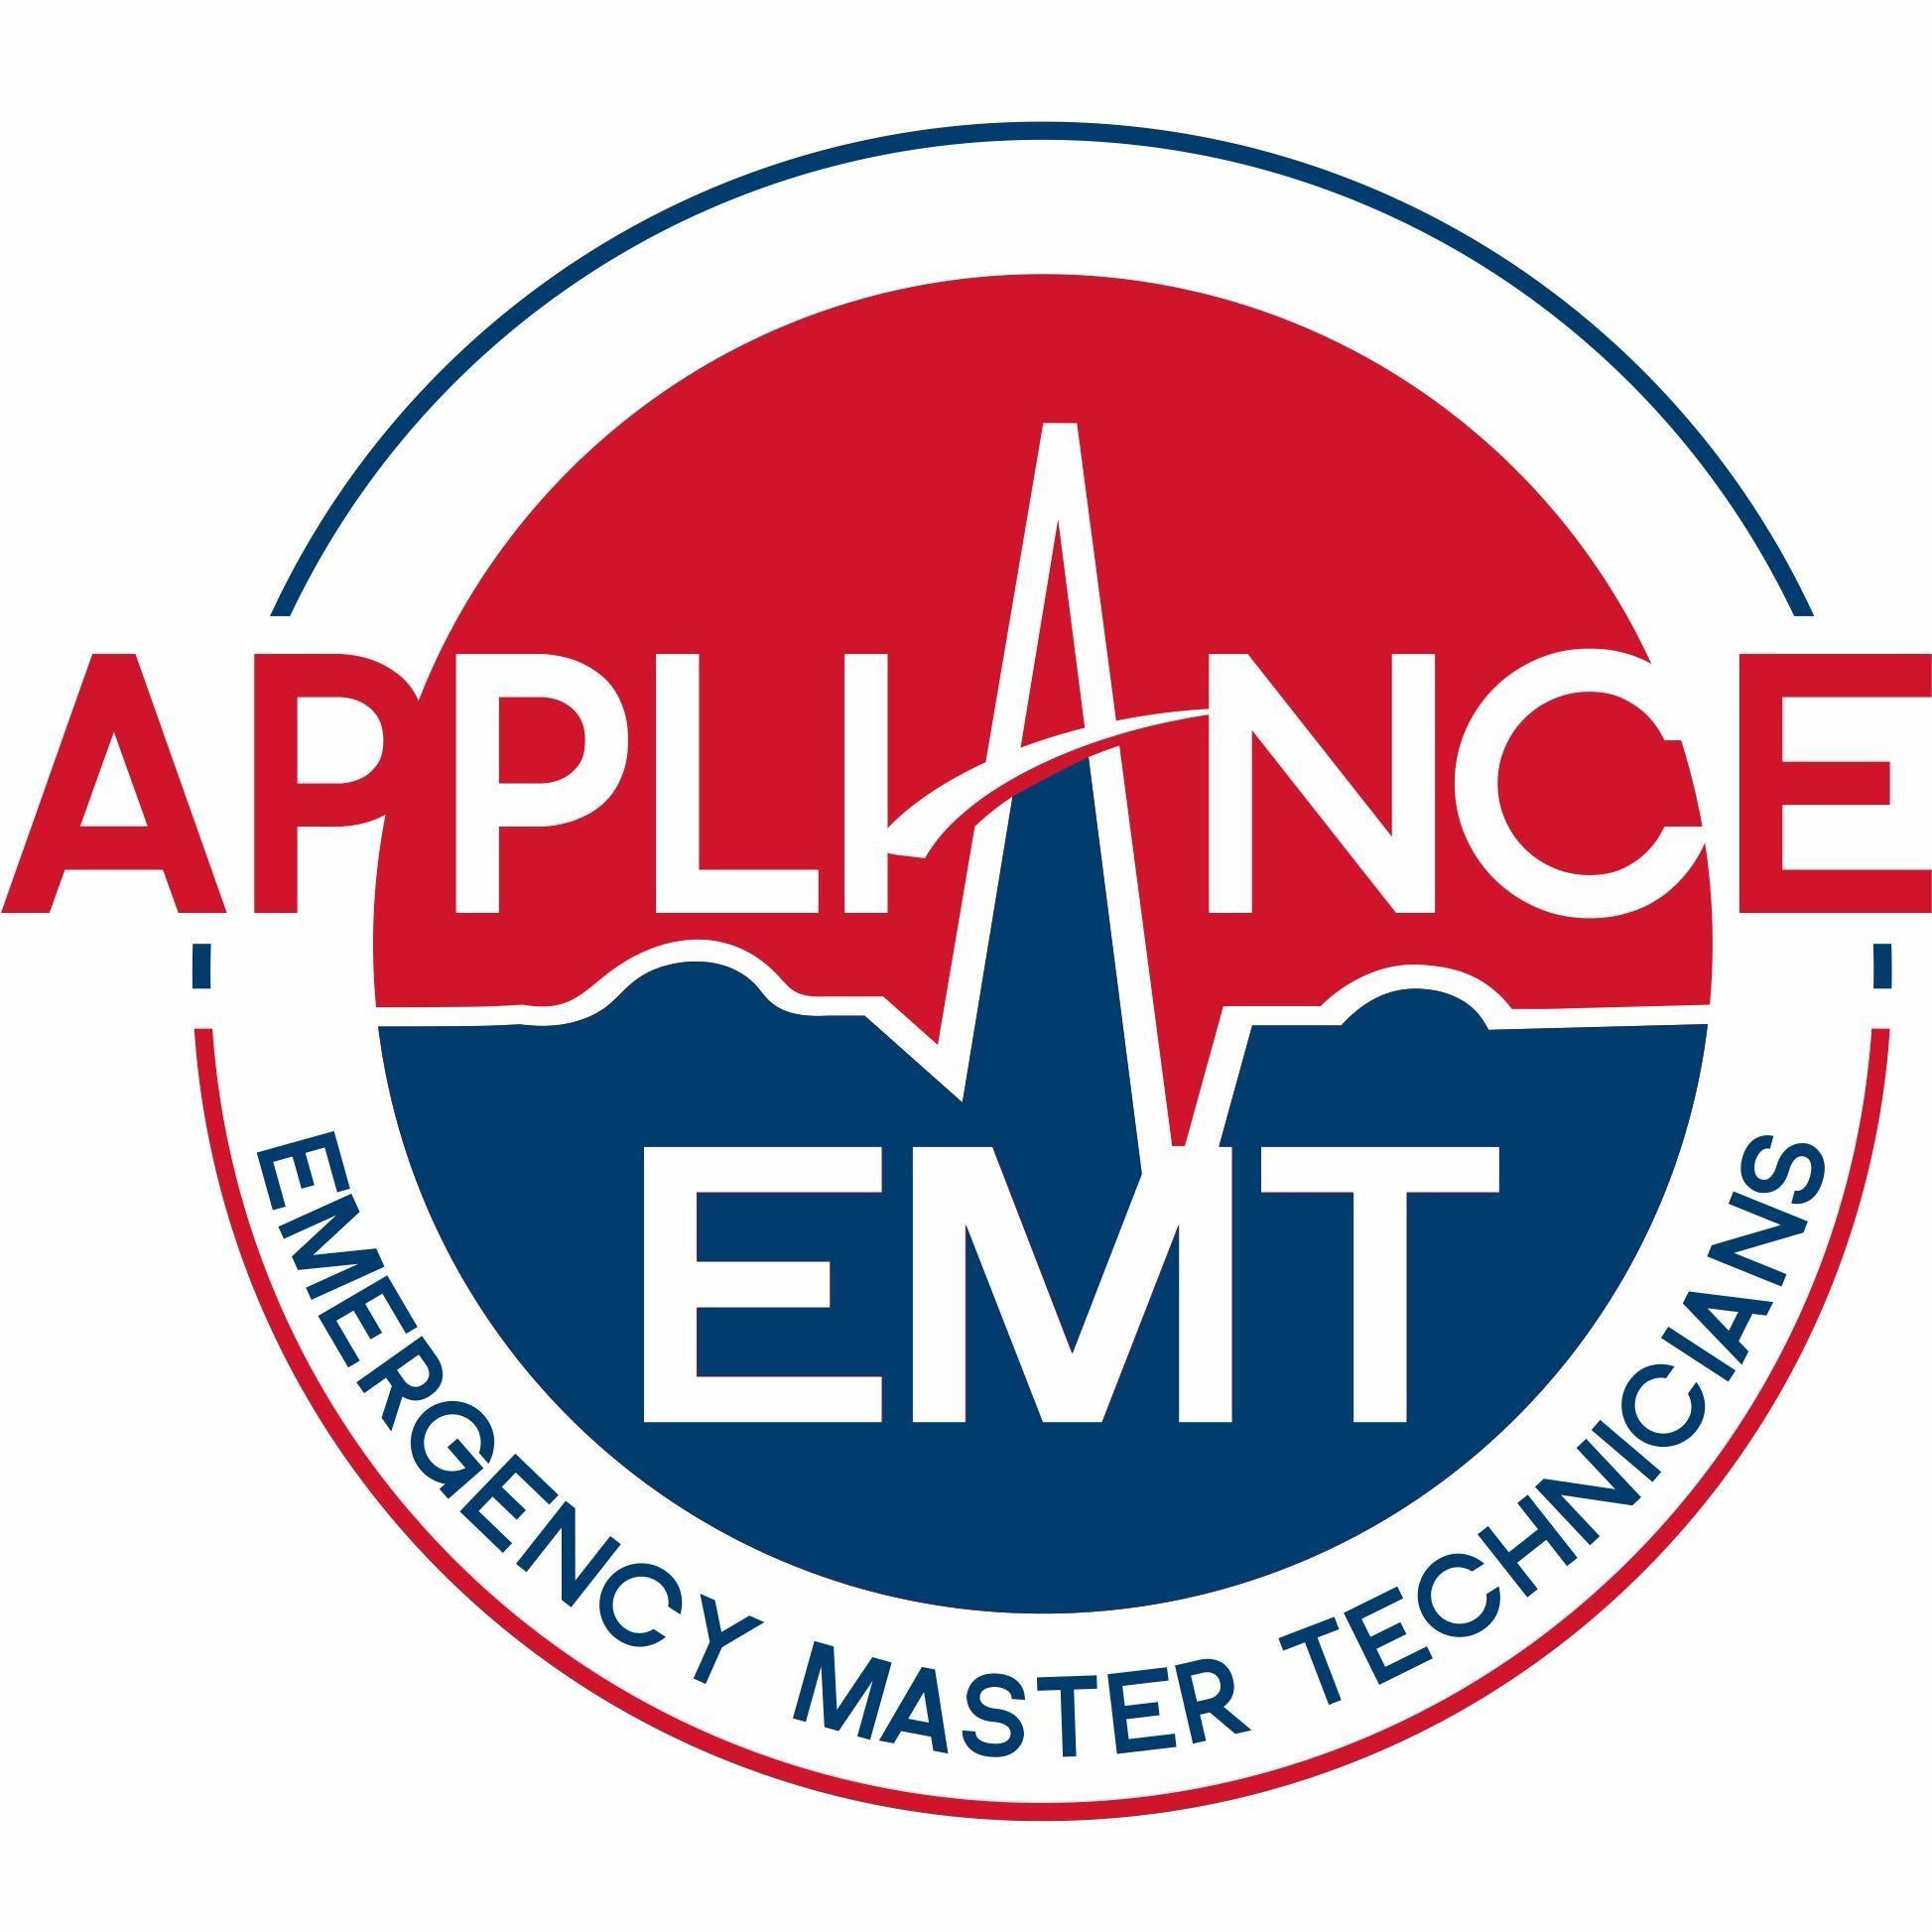 Appliance EMT - Buford, GA 30518 - (404)884-2222 | ShowMeLocal.com